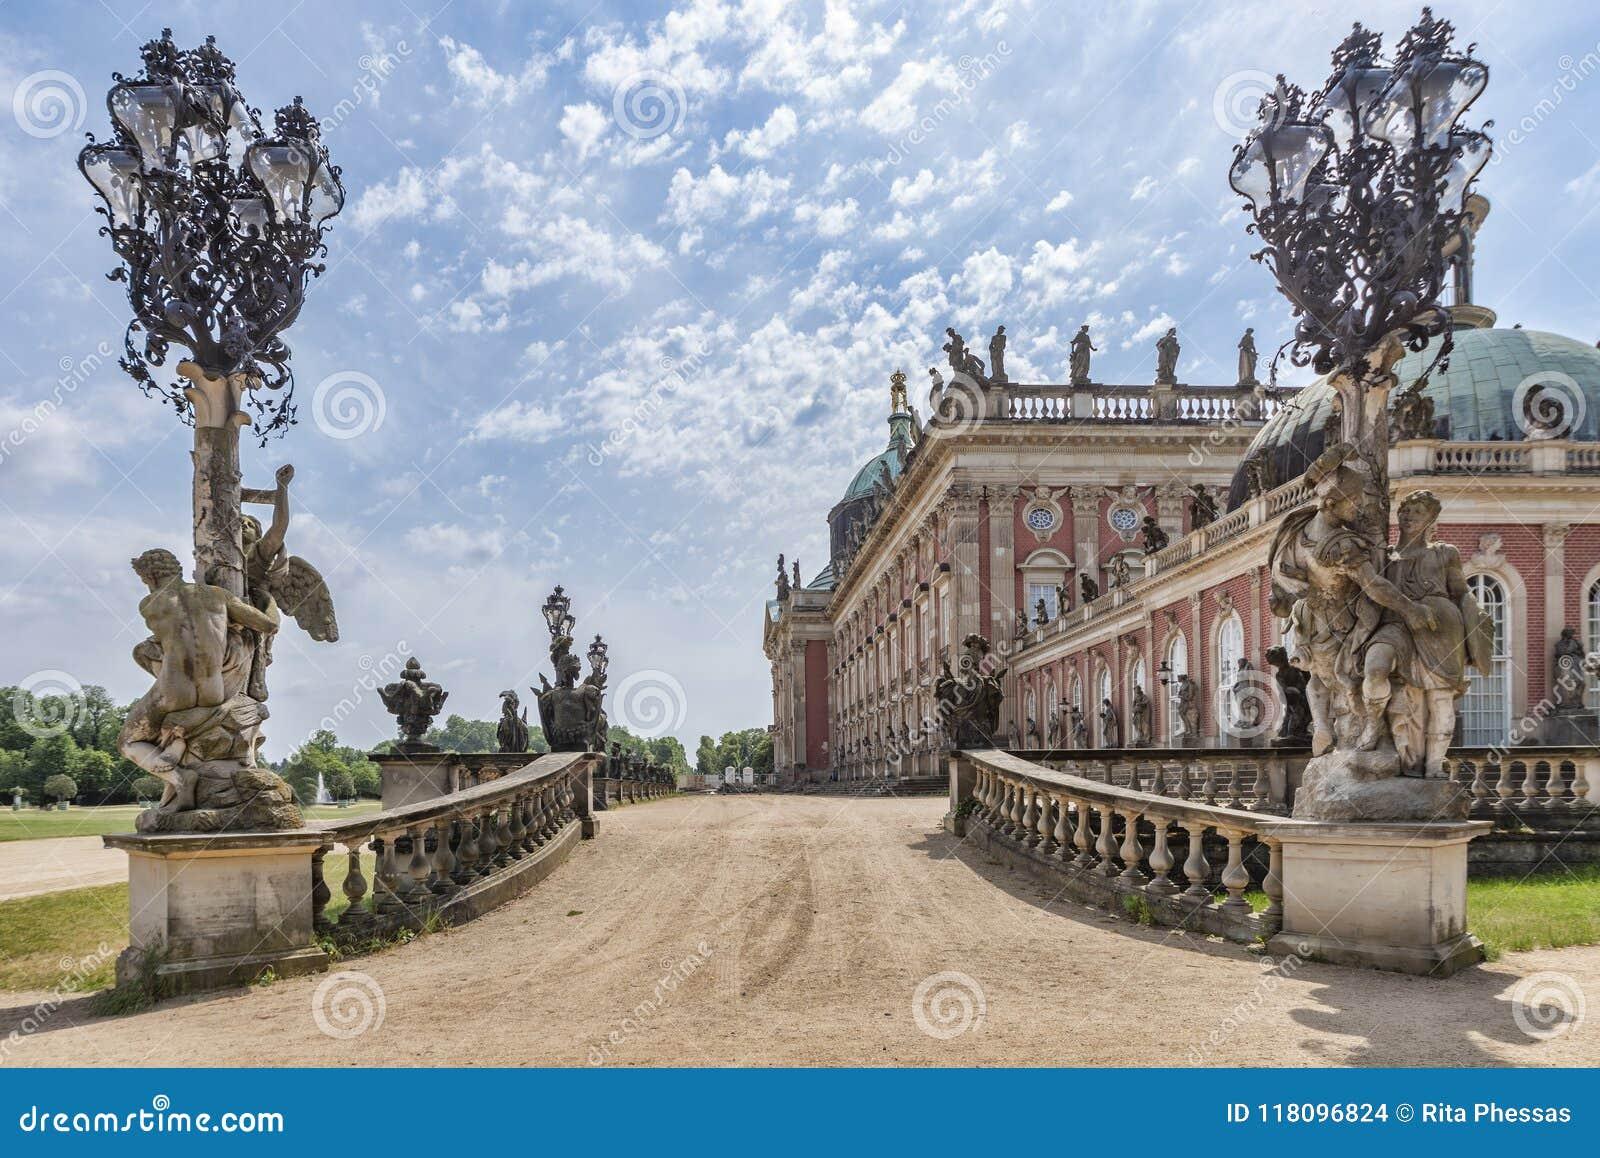 Mening van één van de ingangen van Das Neue Palast met zijn barokke standbeelden, smeedijzerlantaarns, en een deel van de paleist